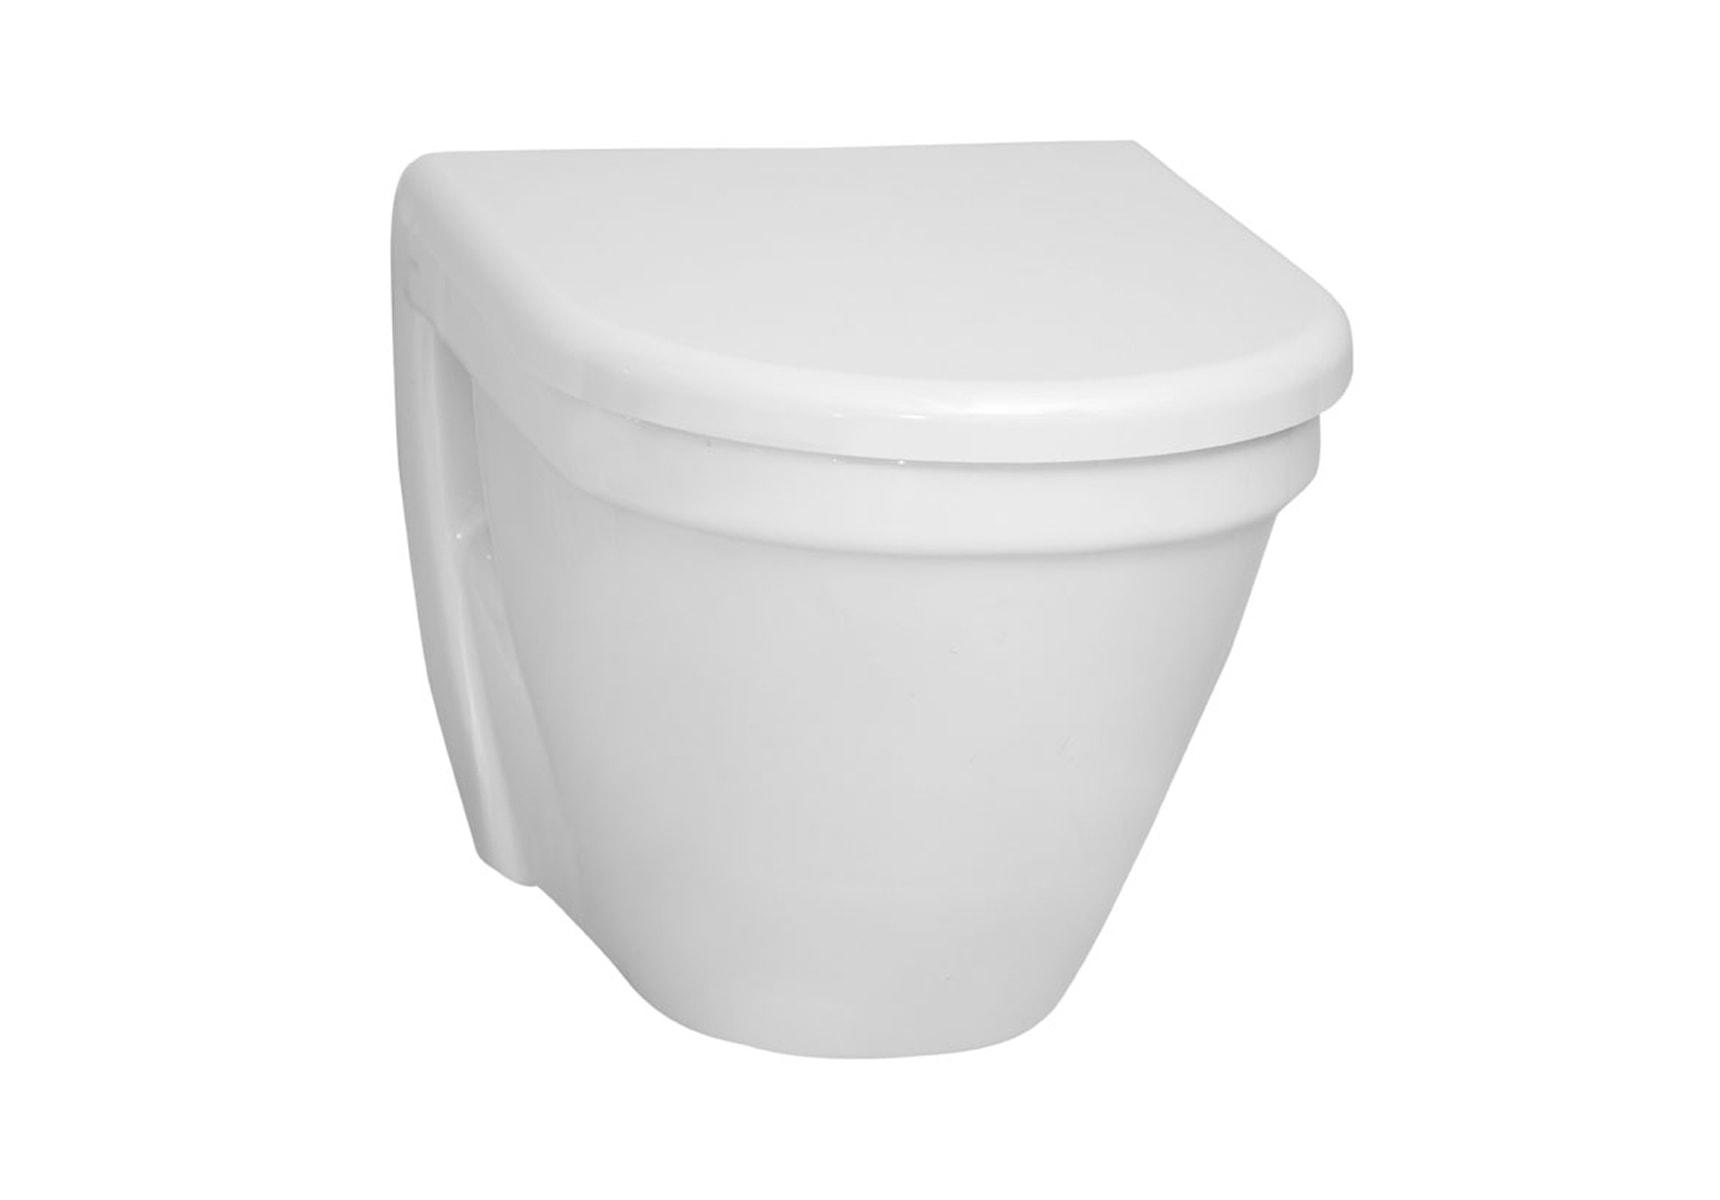 S50 Wall-Hung WC Pan